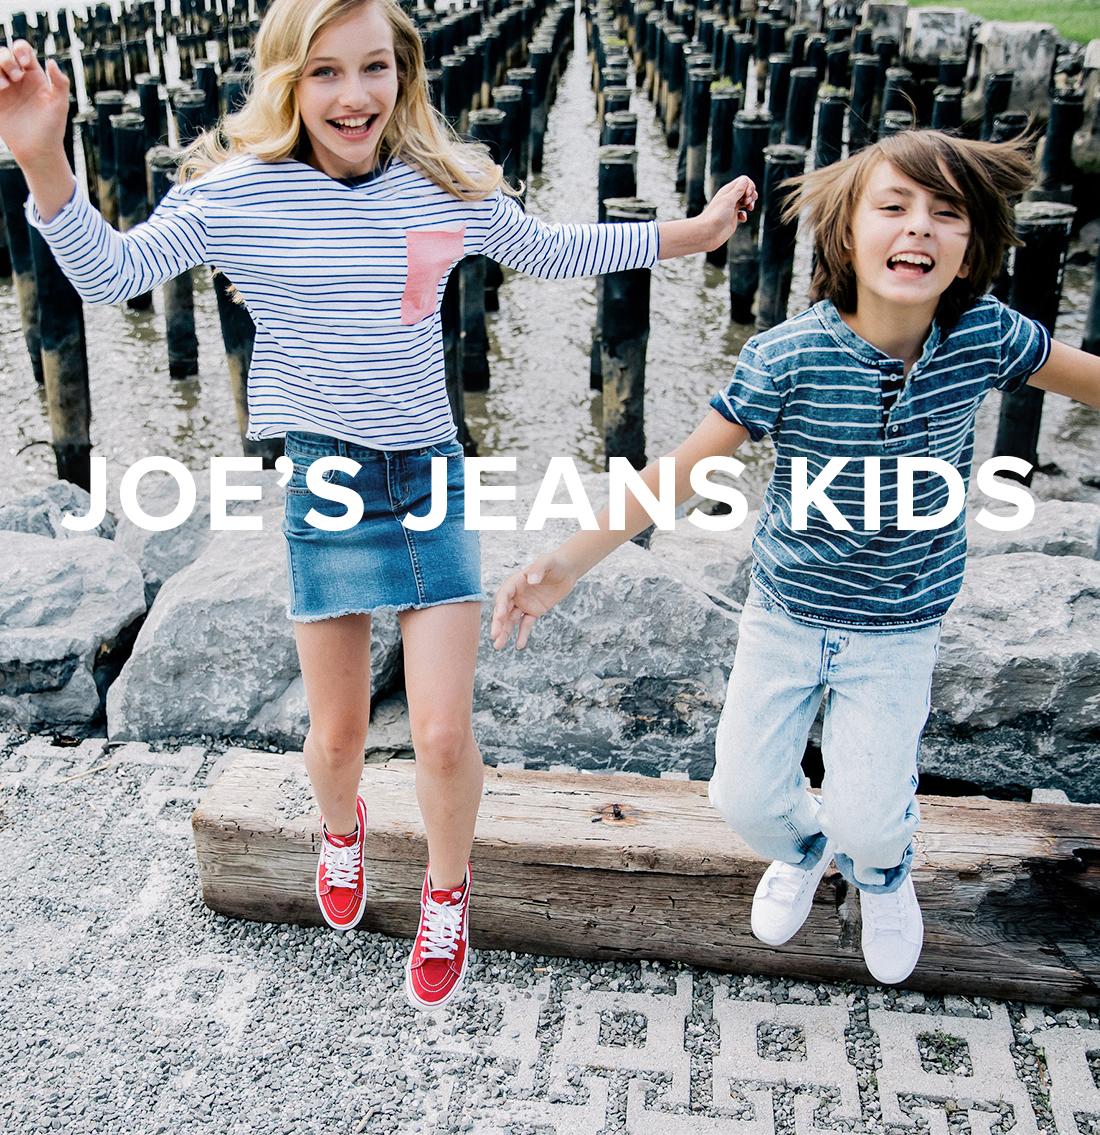 Joe's Jeans Kids